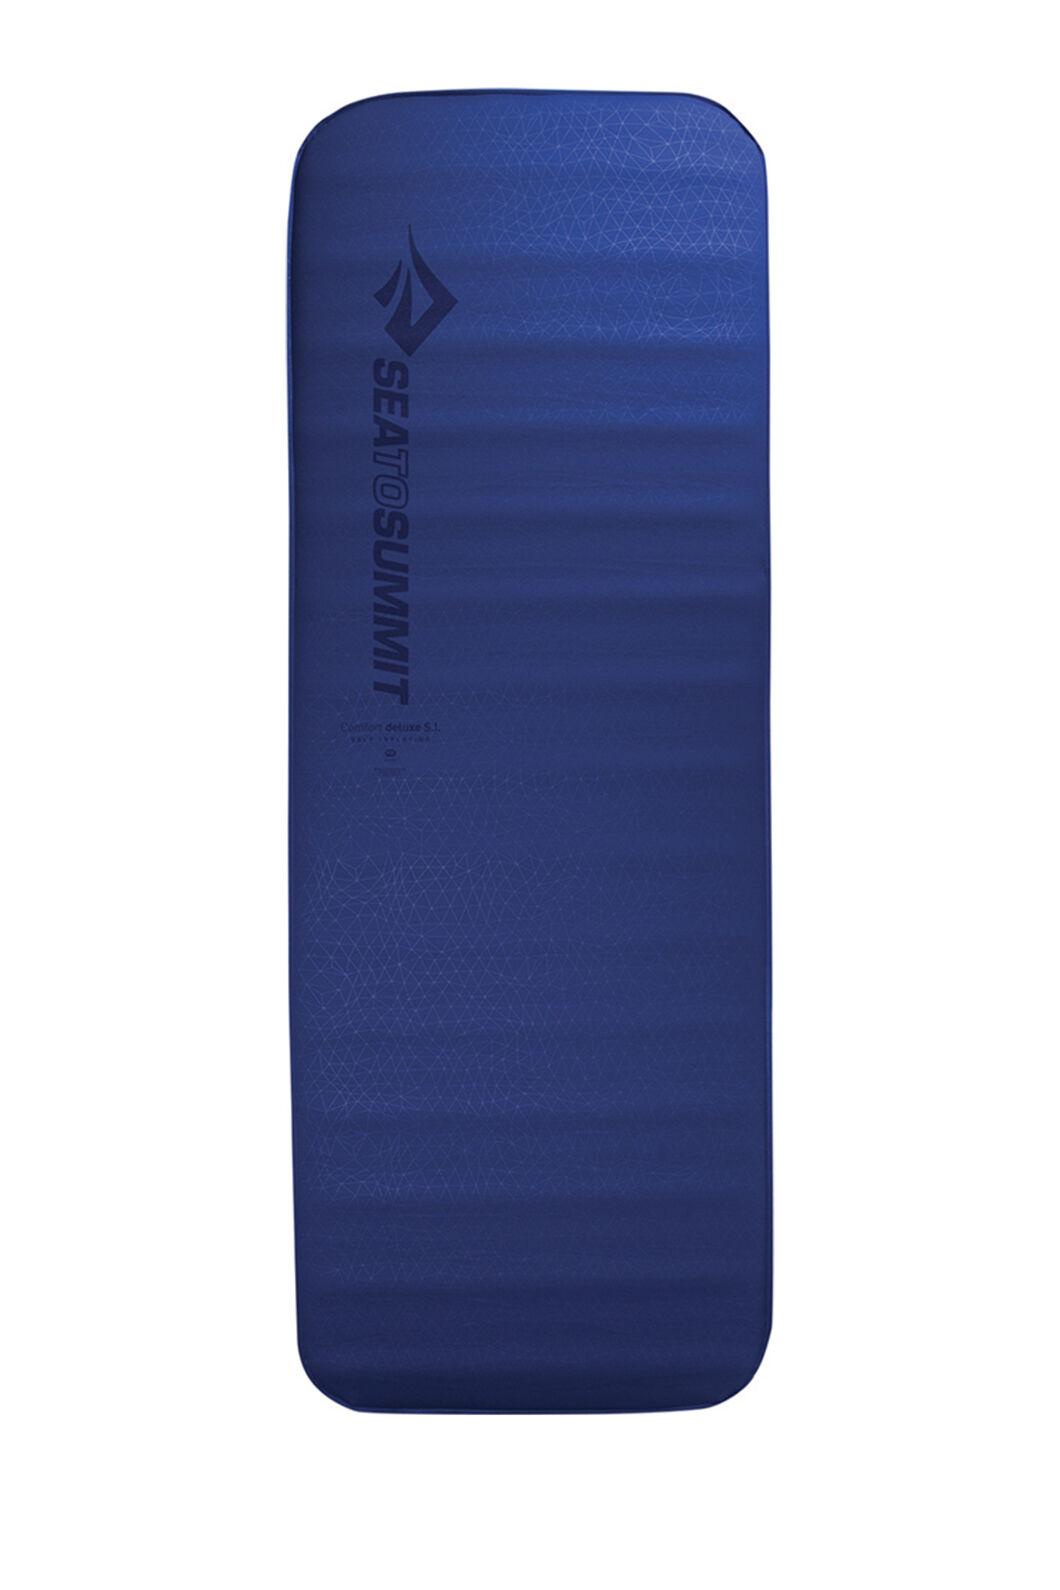 Sea to Summit Comfort Deluxe S.I.™ Sleeping Mat — Regular Wide, None, hi-res